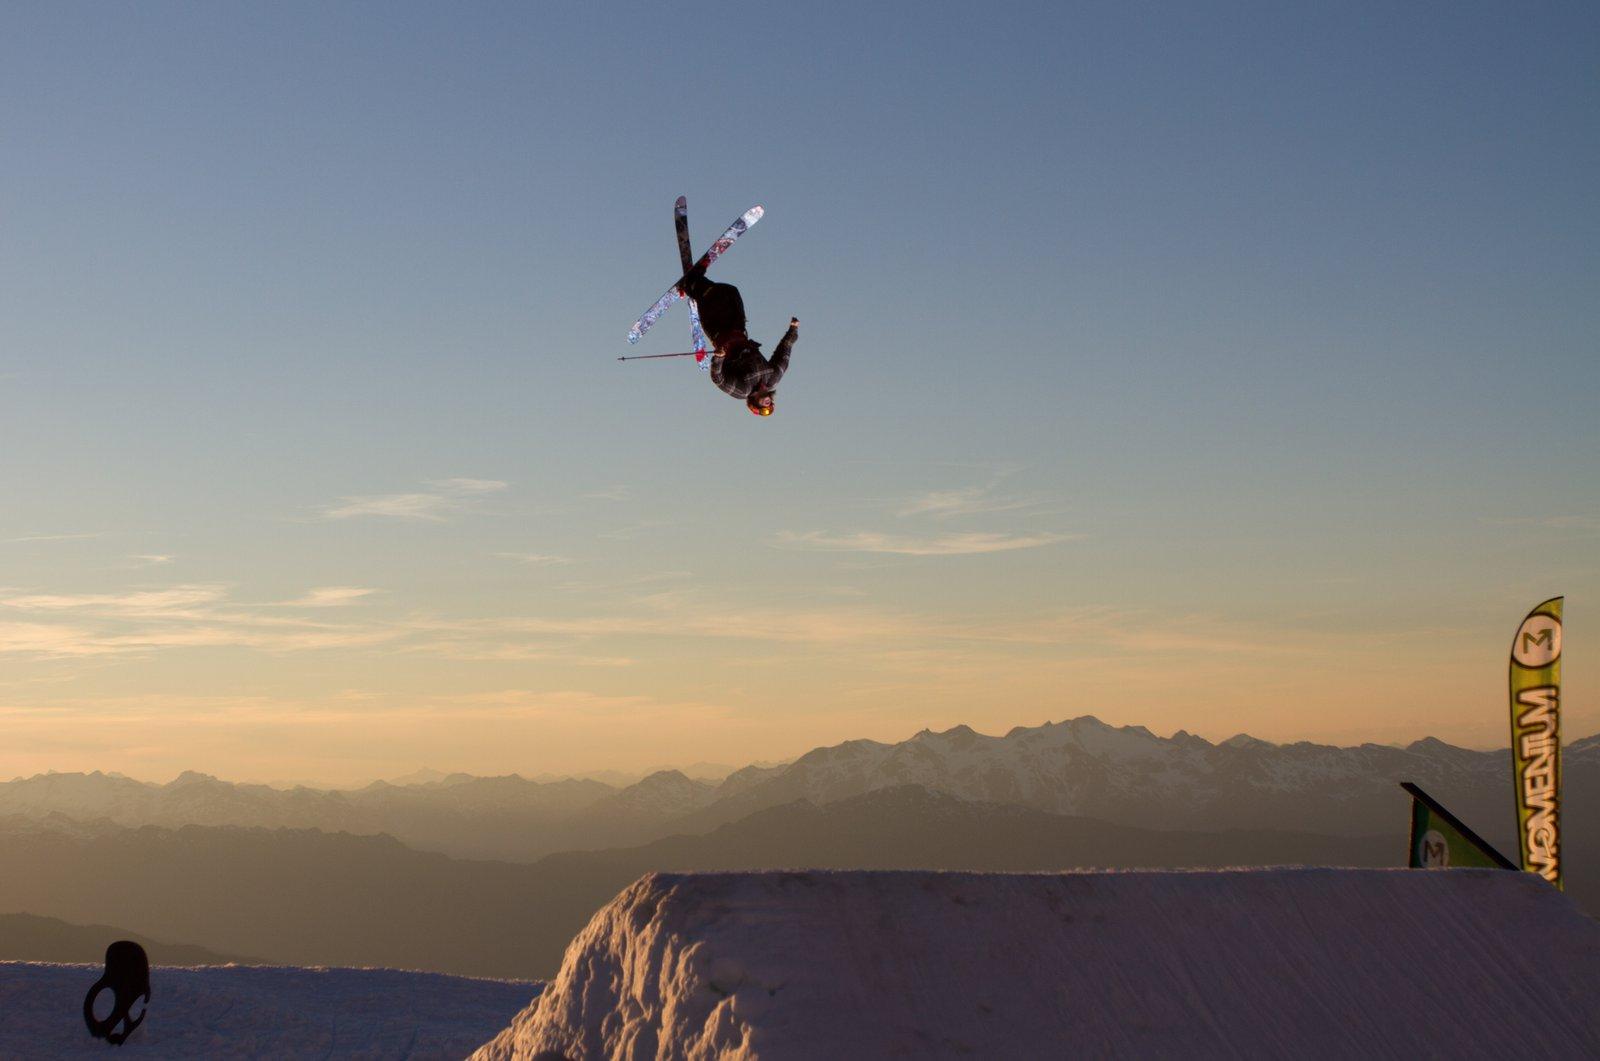 Rory Bushfield at sunset